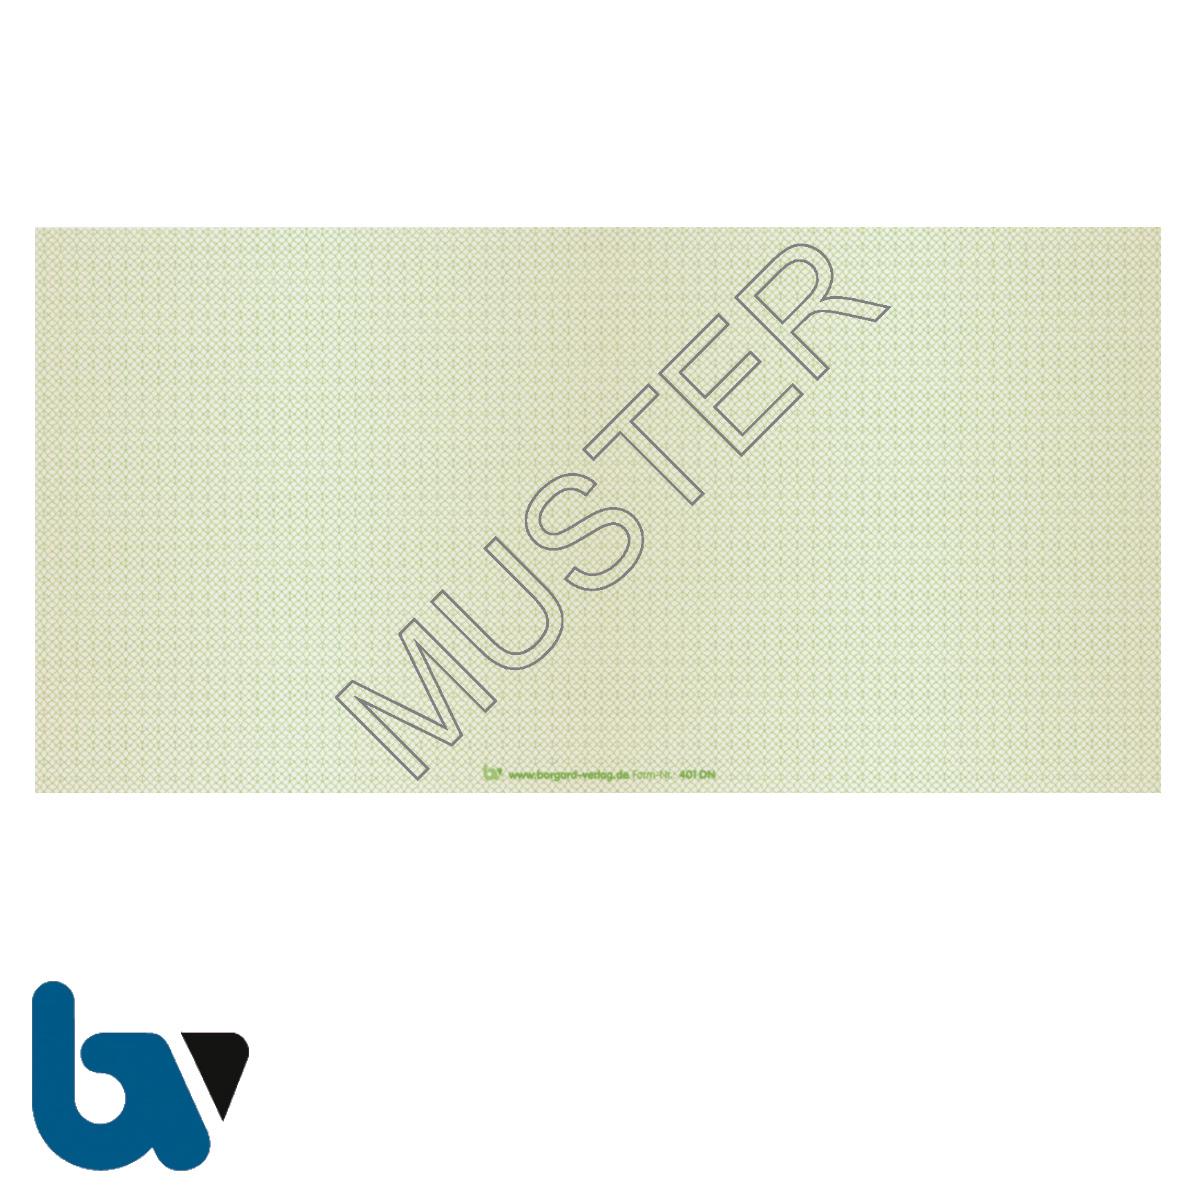 401dn Beiblatt Zulassungsbescheinigung Teil 1 Fahrzeugschein Neobond Guilloche zweifarbig grün braun 210 105 | Borgard Verlag GmbH